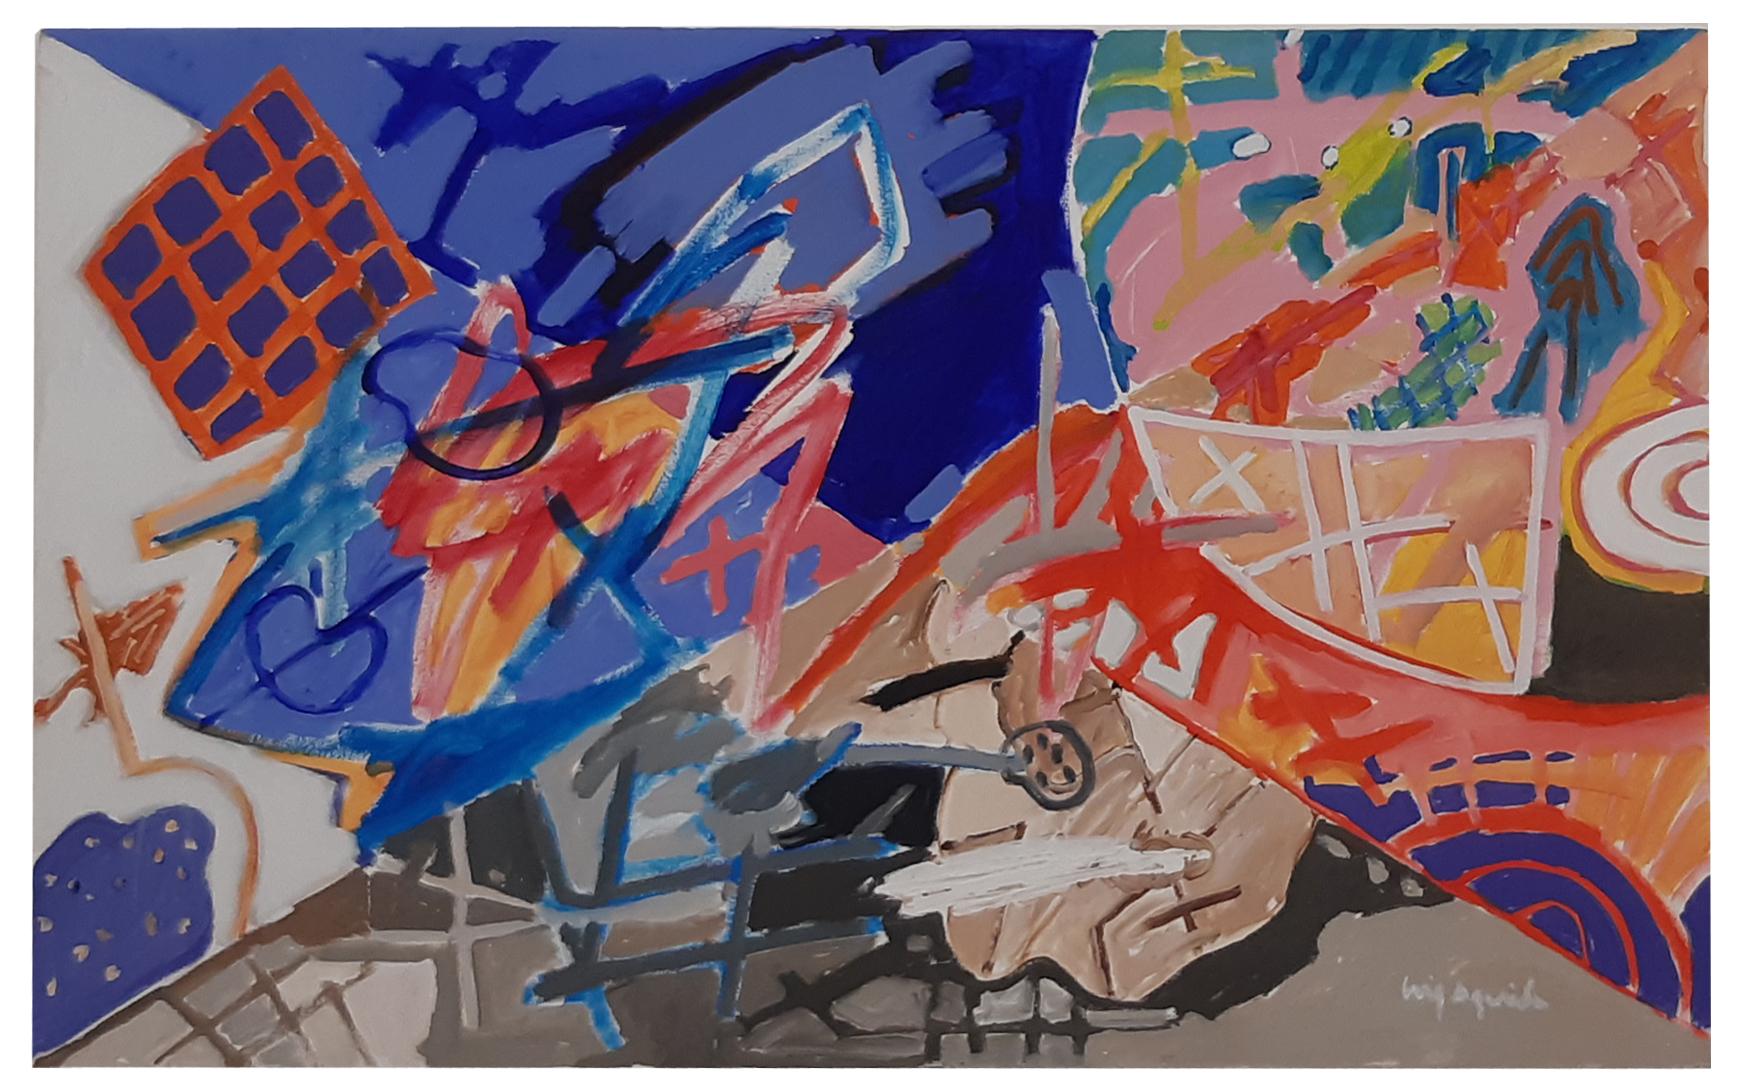 Luiz Áquila, A píntura e seu encontro, acrílica sobre tela, 80 x 130 cm, 2020